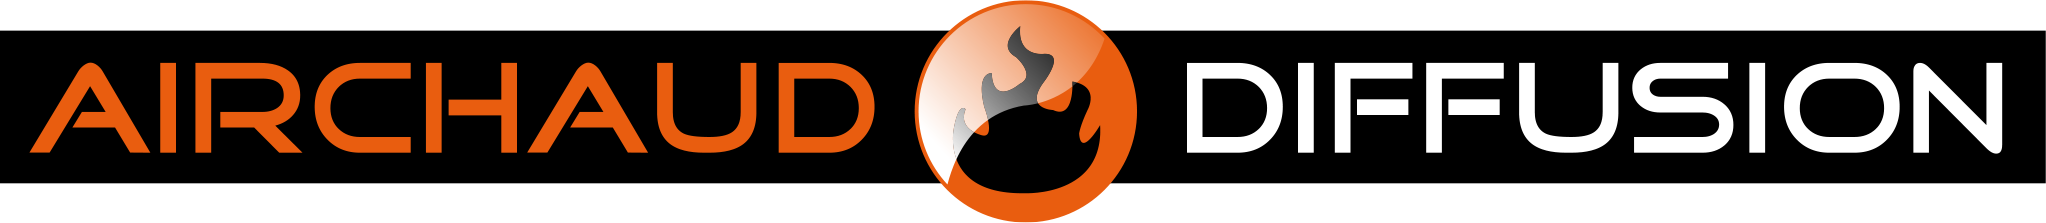 logo airchaud diffusion